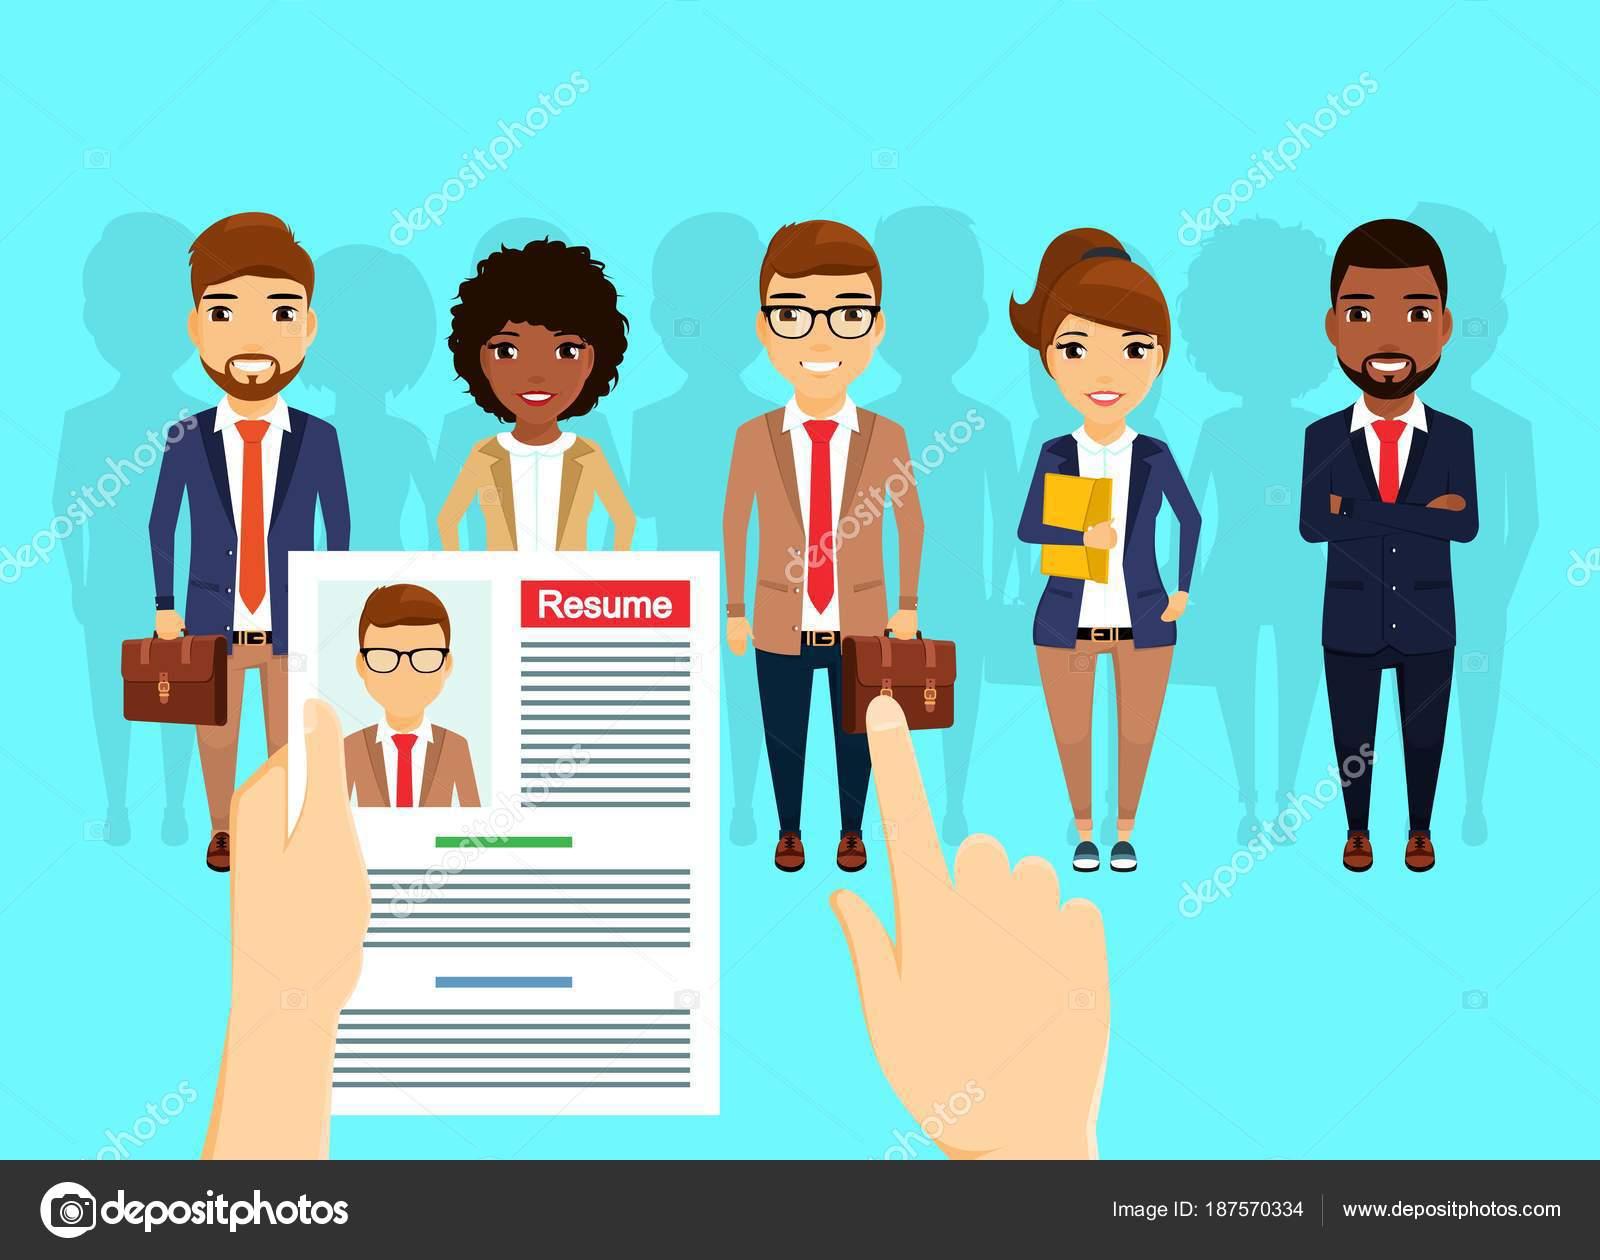 970c0bfe792 Concepto de negocio. Búsqueda y alquiler de personal. Un grupo de personas  de diferentes nacionalidades están buscando trabajo. Joven profesional.